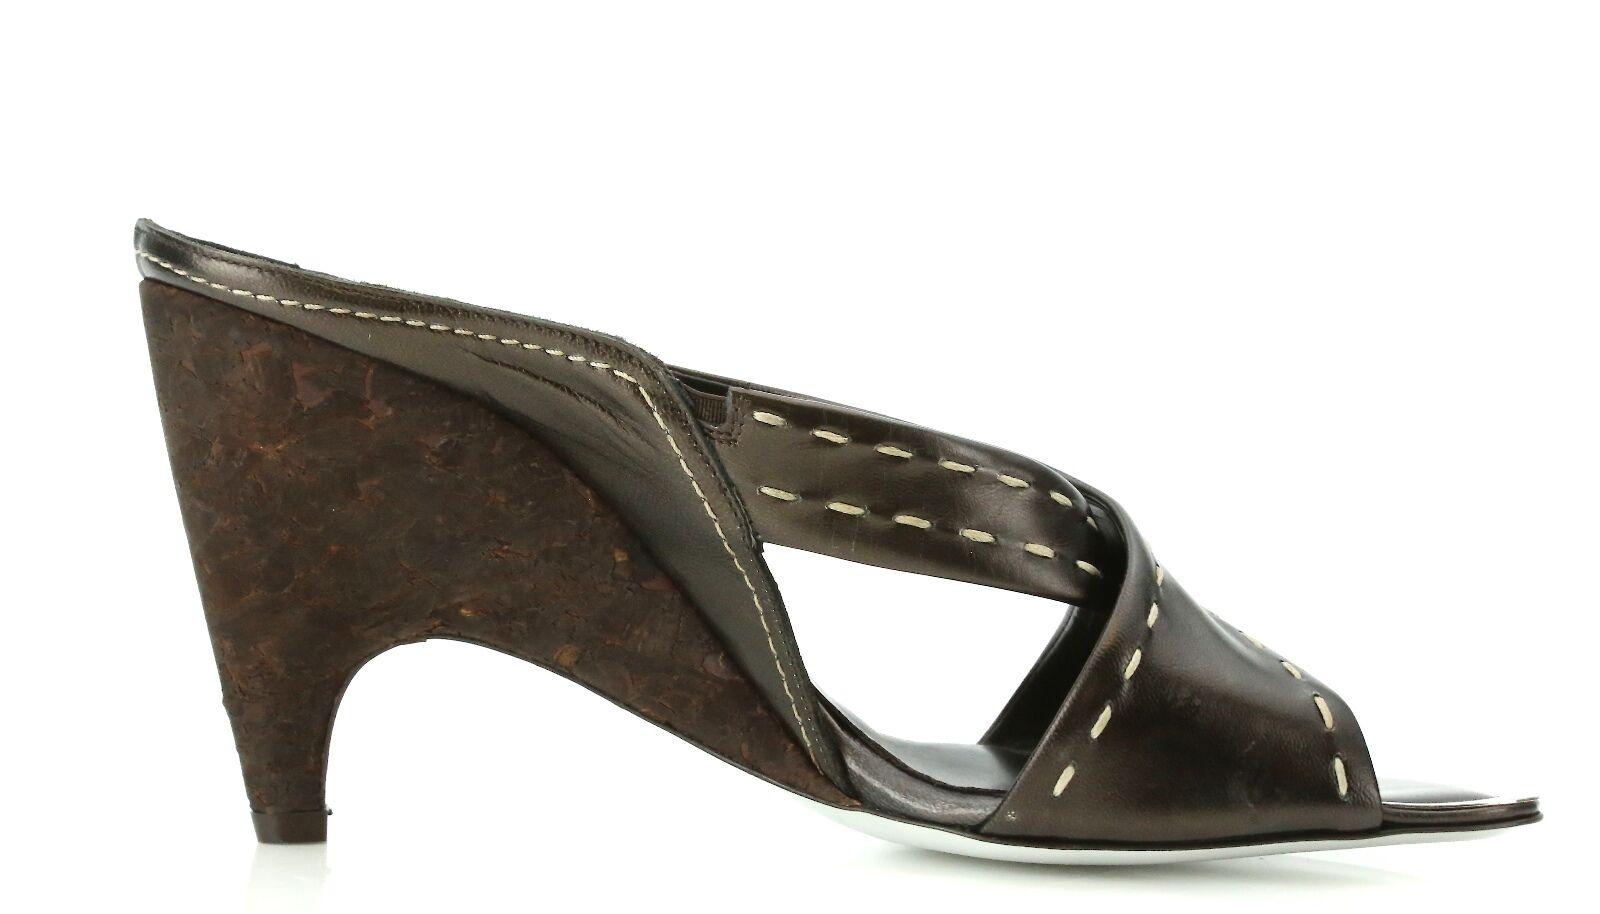 Donald J Pliner NIDRA Braun Größe Leder Wedge Sandales 7258 Größe Braun 8.5 M NEW 3901b2